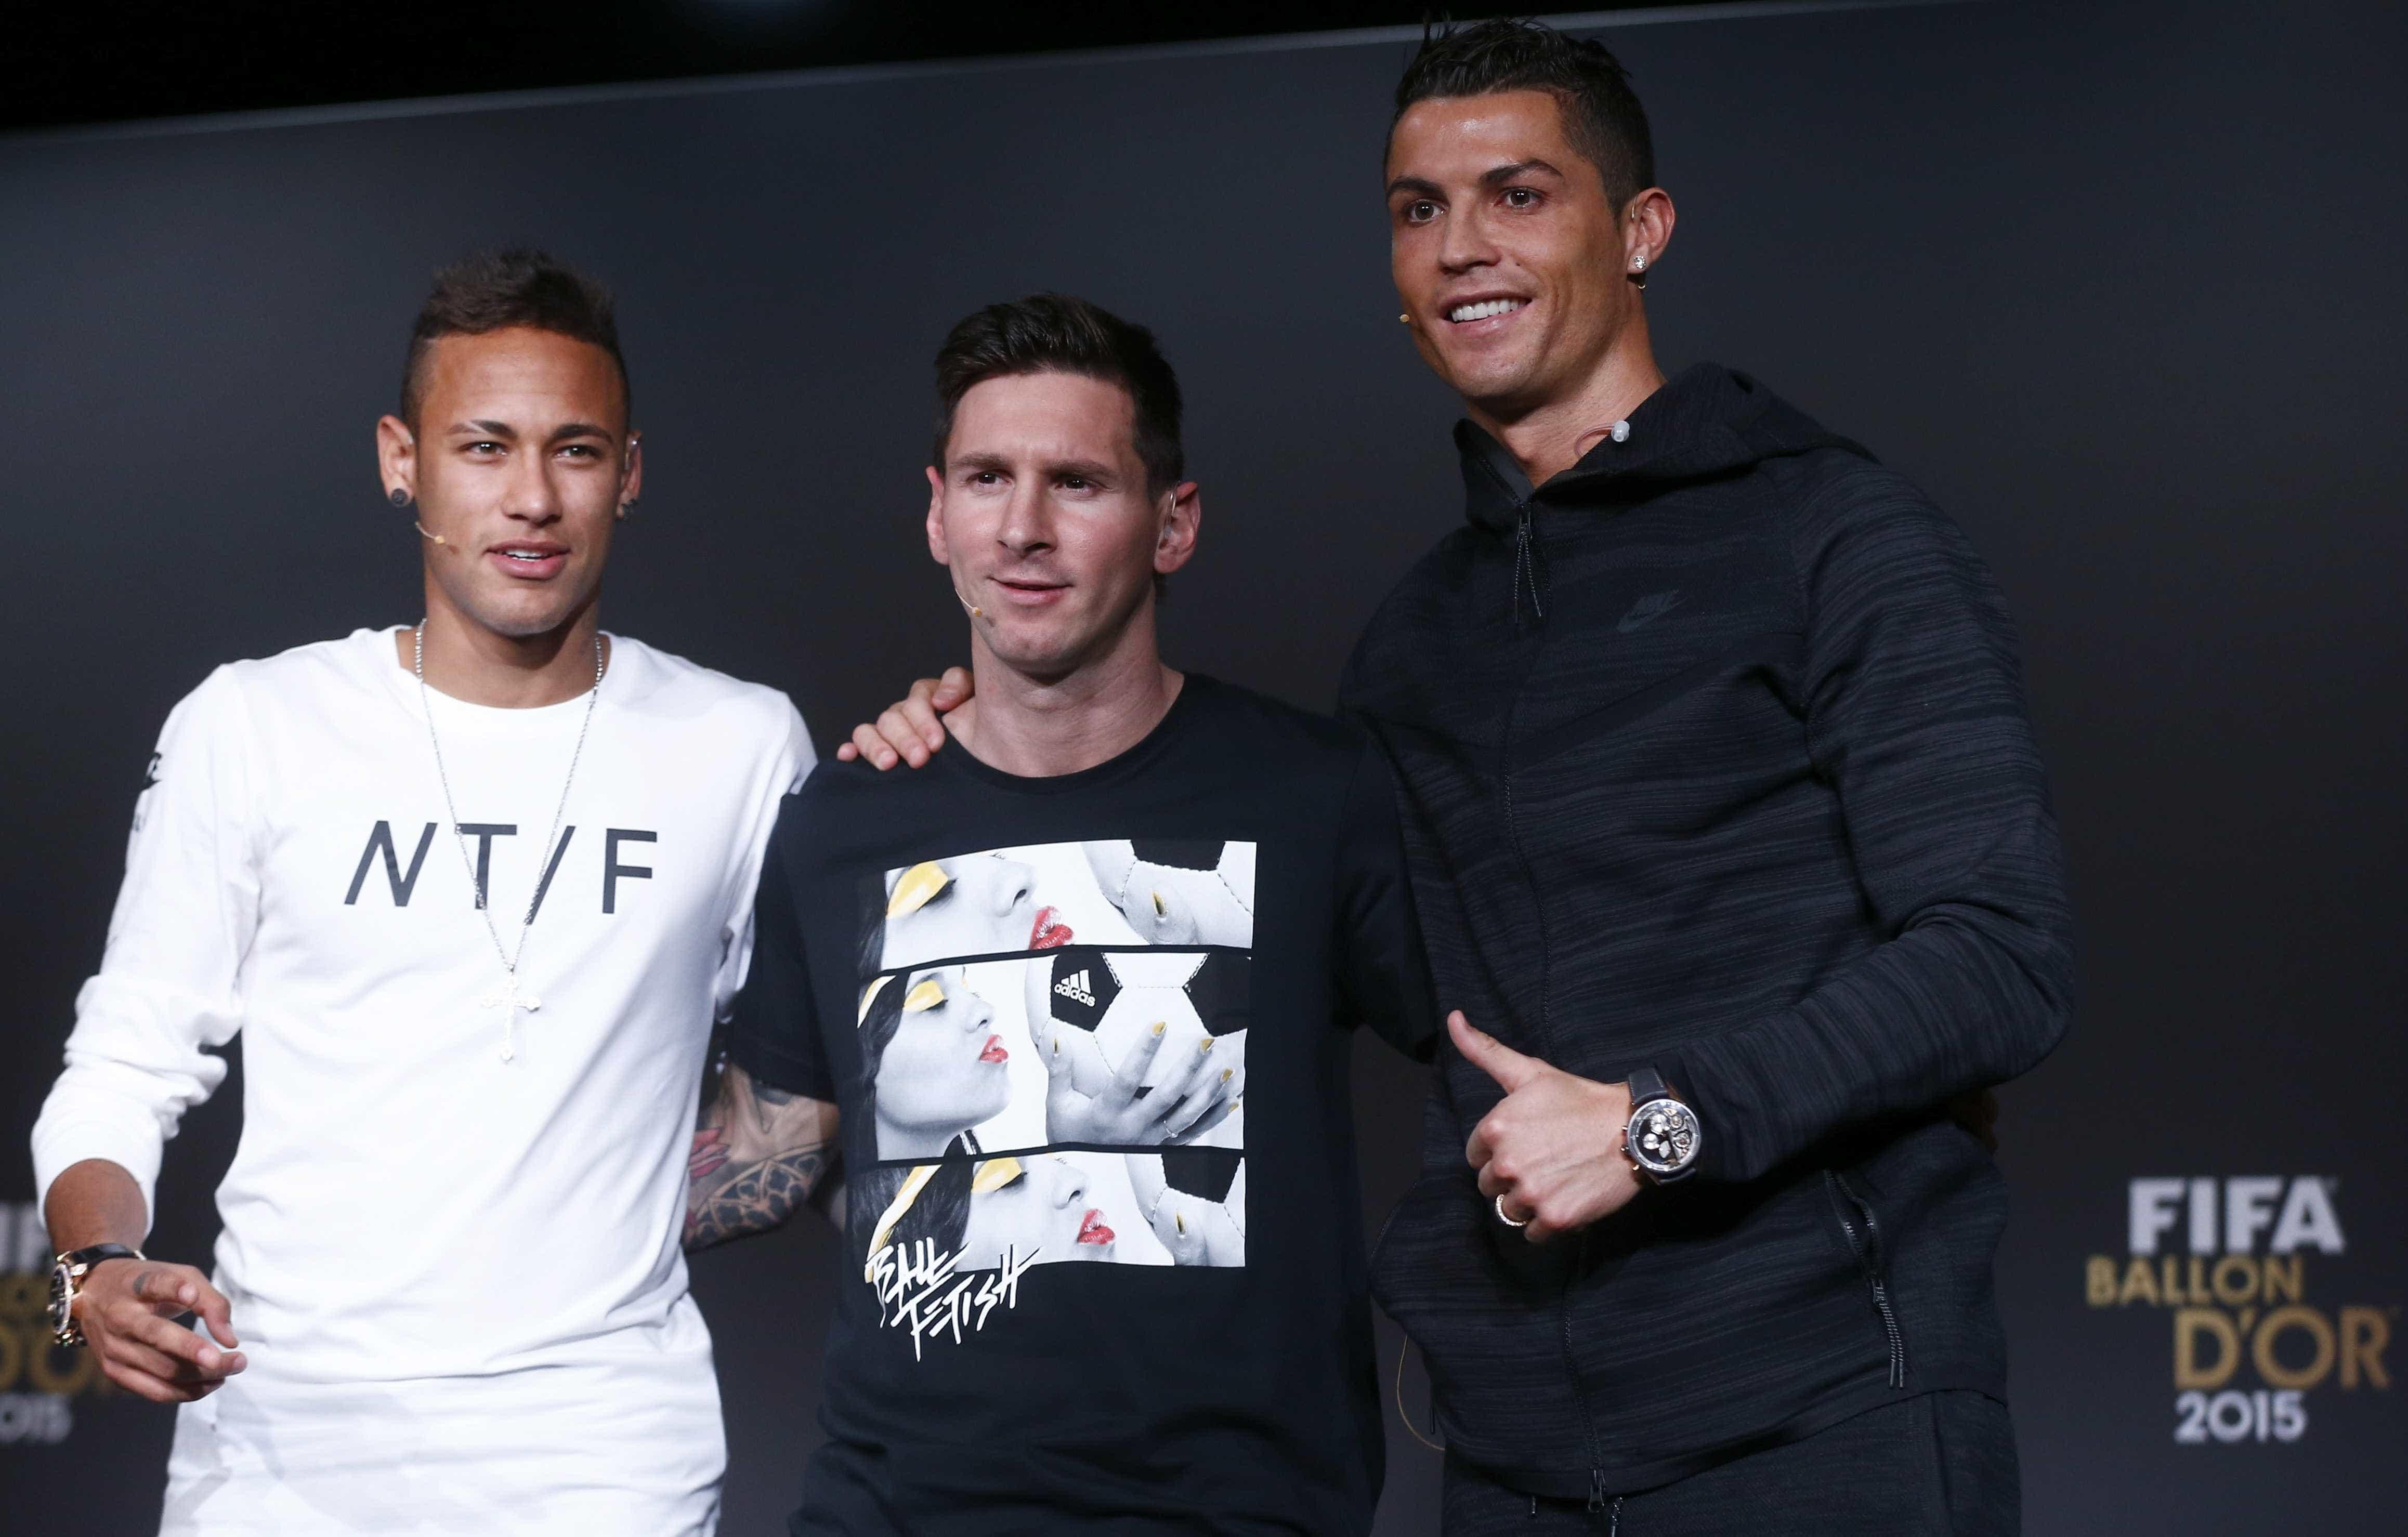 Jornal espanhol coloca Neymar à frente de Cristiano Ronaldo e Messi